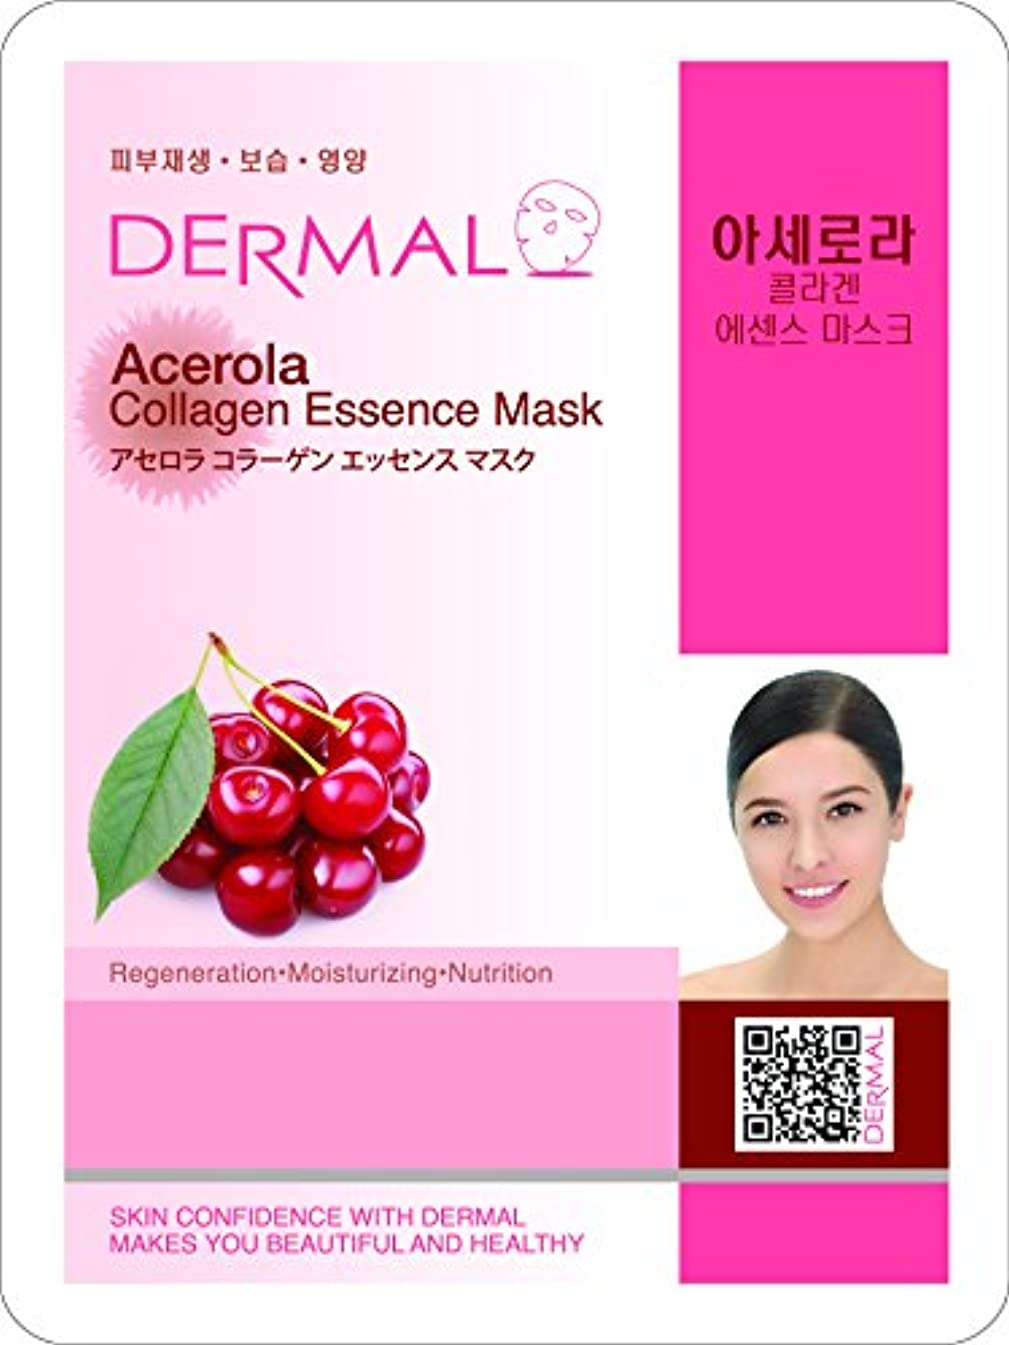 【DERMAL】ダーマル シートマスク アセロラ 10枚セット/保湿/フェイスマスク/フェイスパック/マスクパック/韓国コスメ [メール便]